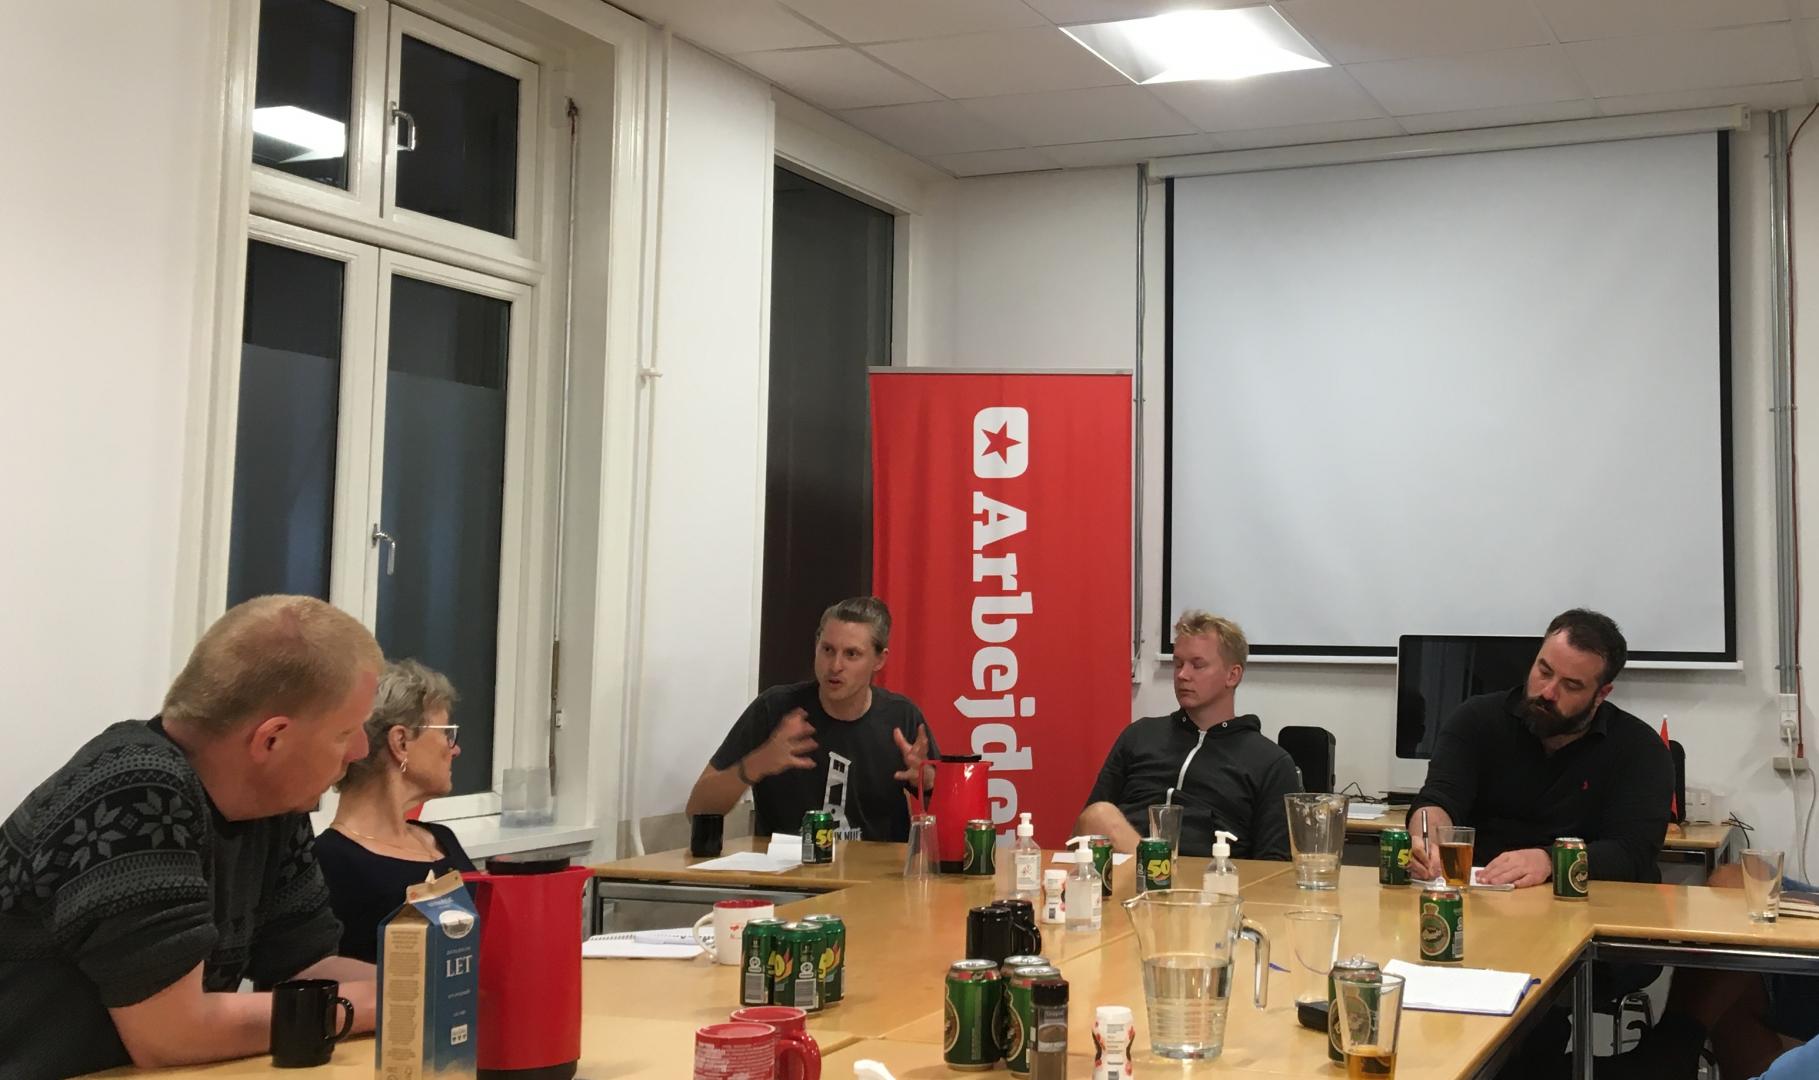 Småt besøgt men vellykket møde om venstrefløjens medier